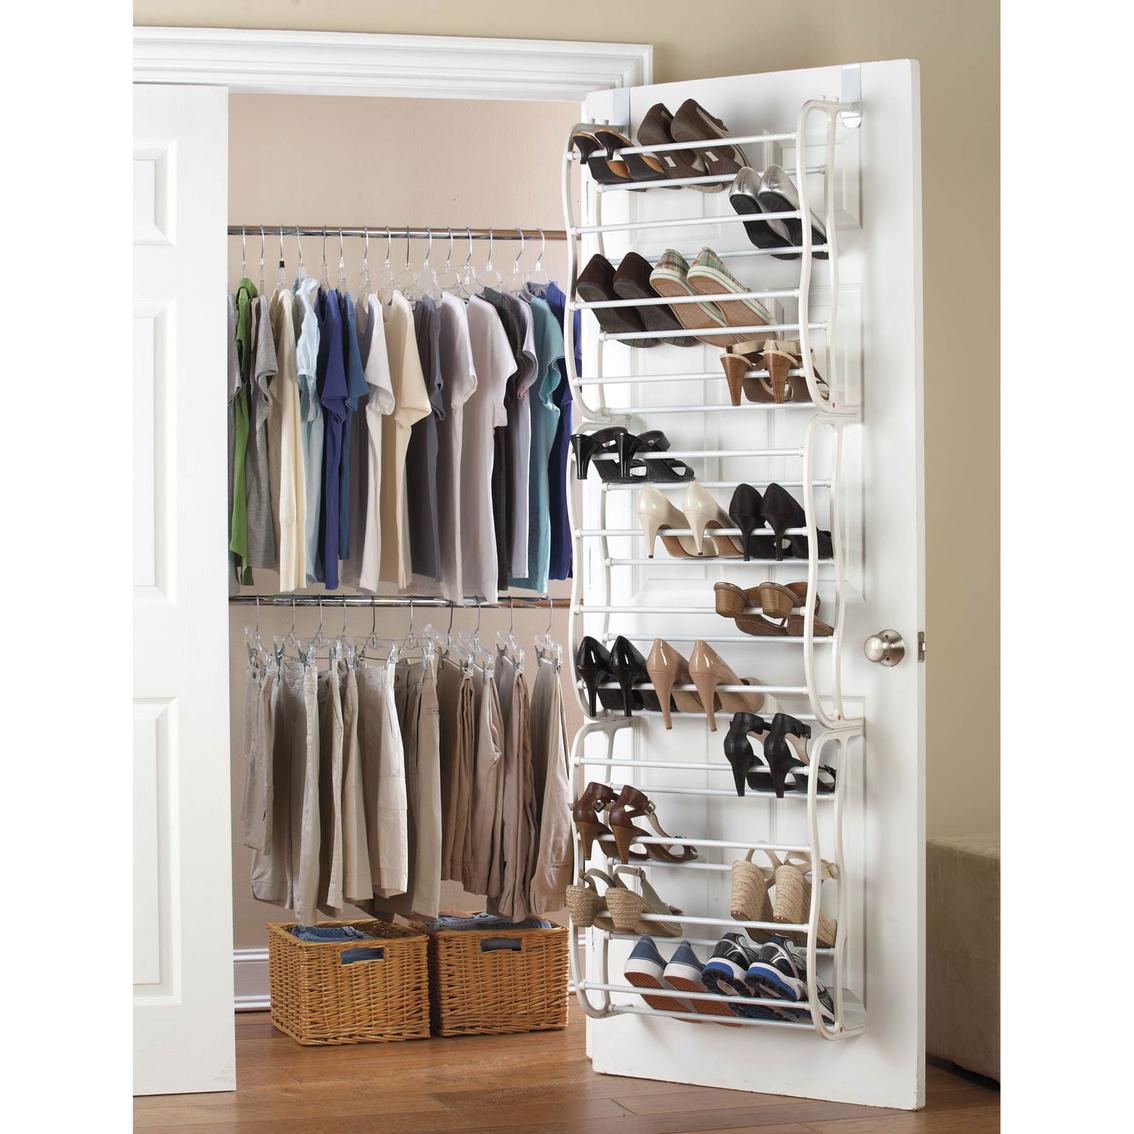 Rack | Closet Organization | Home & Appliances | Shop The Exchange